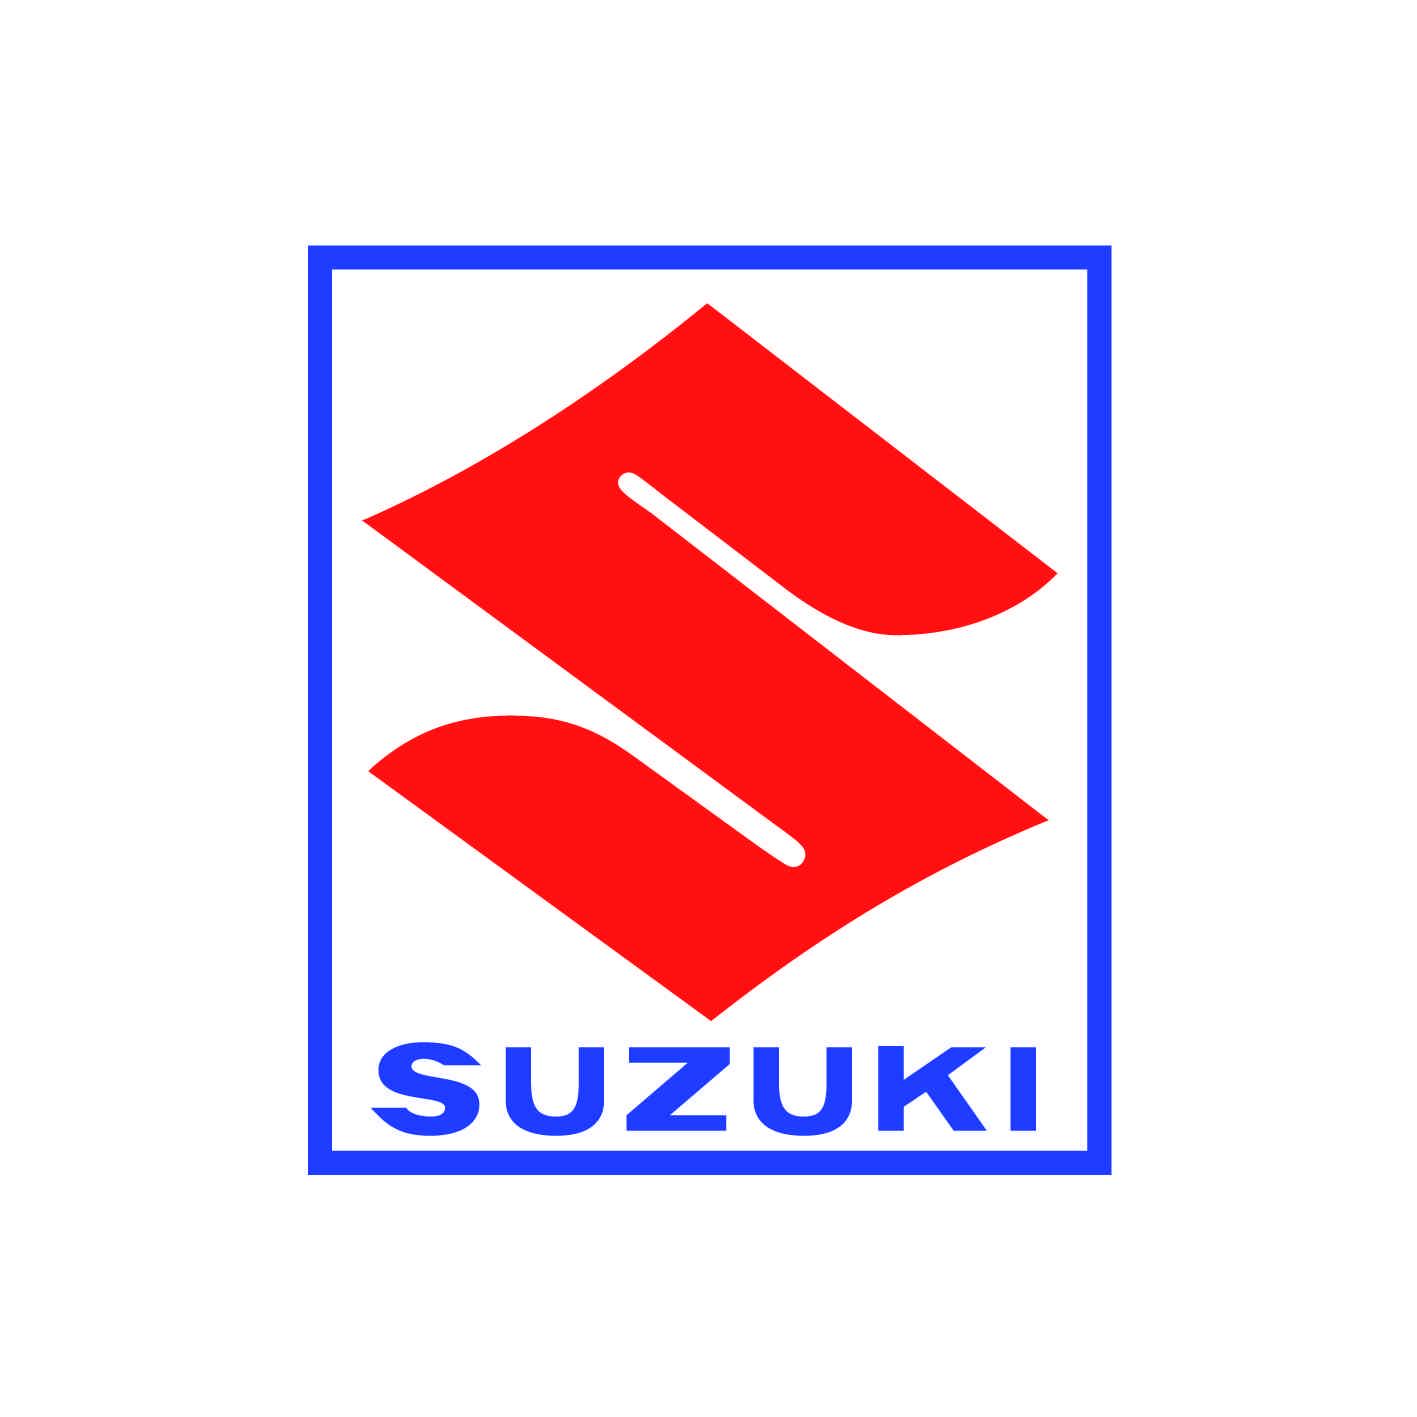 suzuki-ref16-stickers-moto-casque-scooter-sticker-autocollant-adhesifs